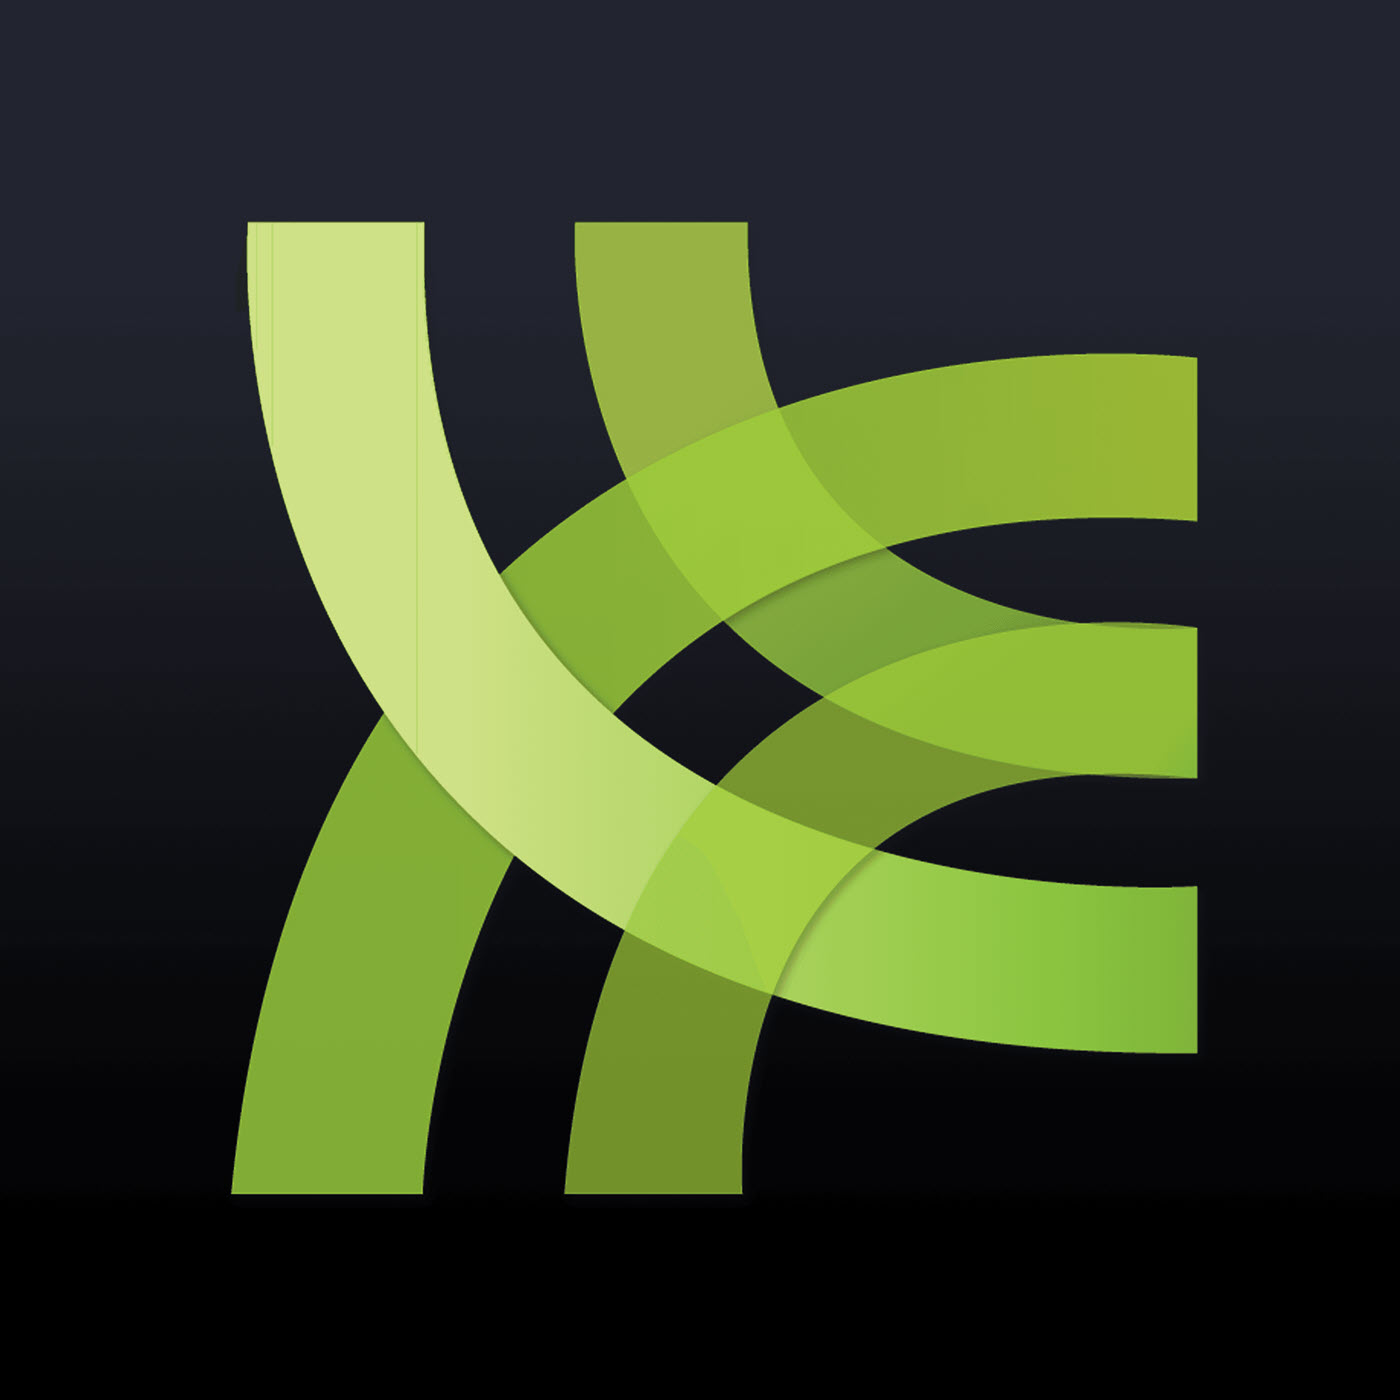 http://homedir-c.libsyn.com/podcasts/035a525d2df00914a99632d374153b2f/4b685766/steviez/images/JJ_Rocks_Out.jpg